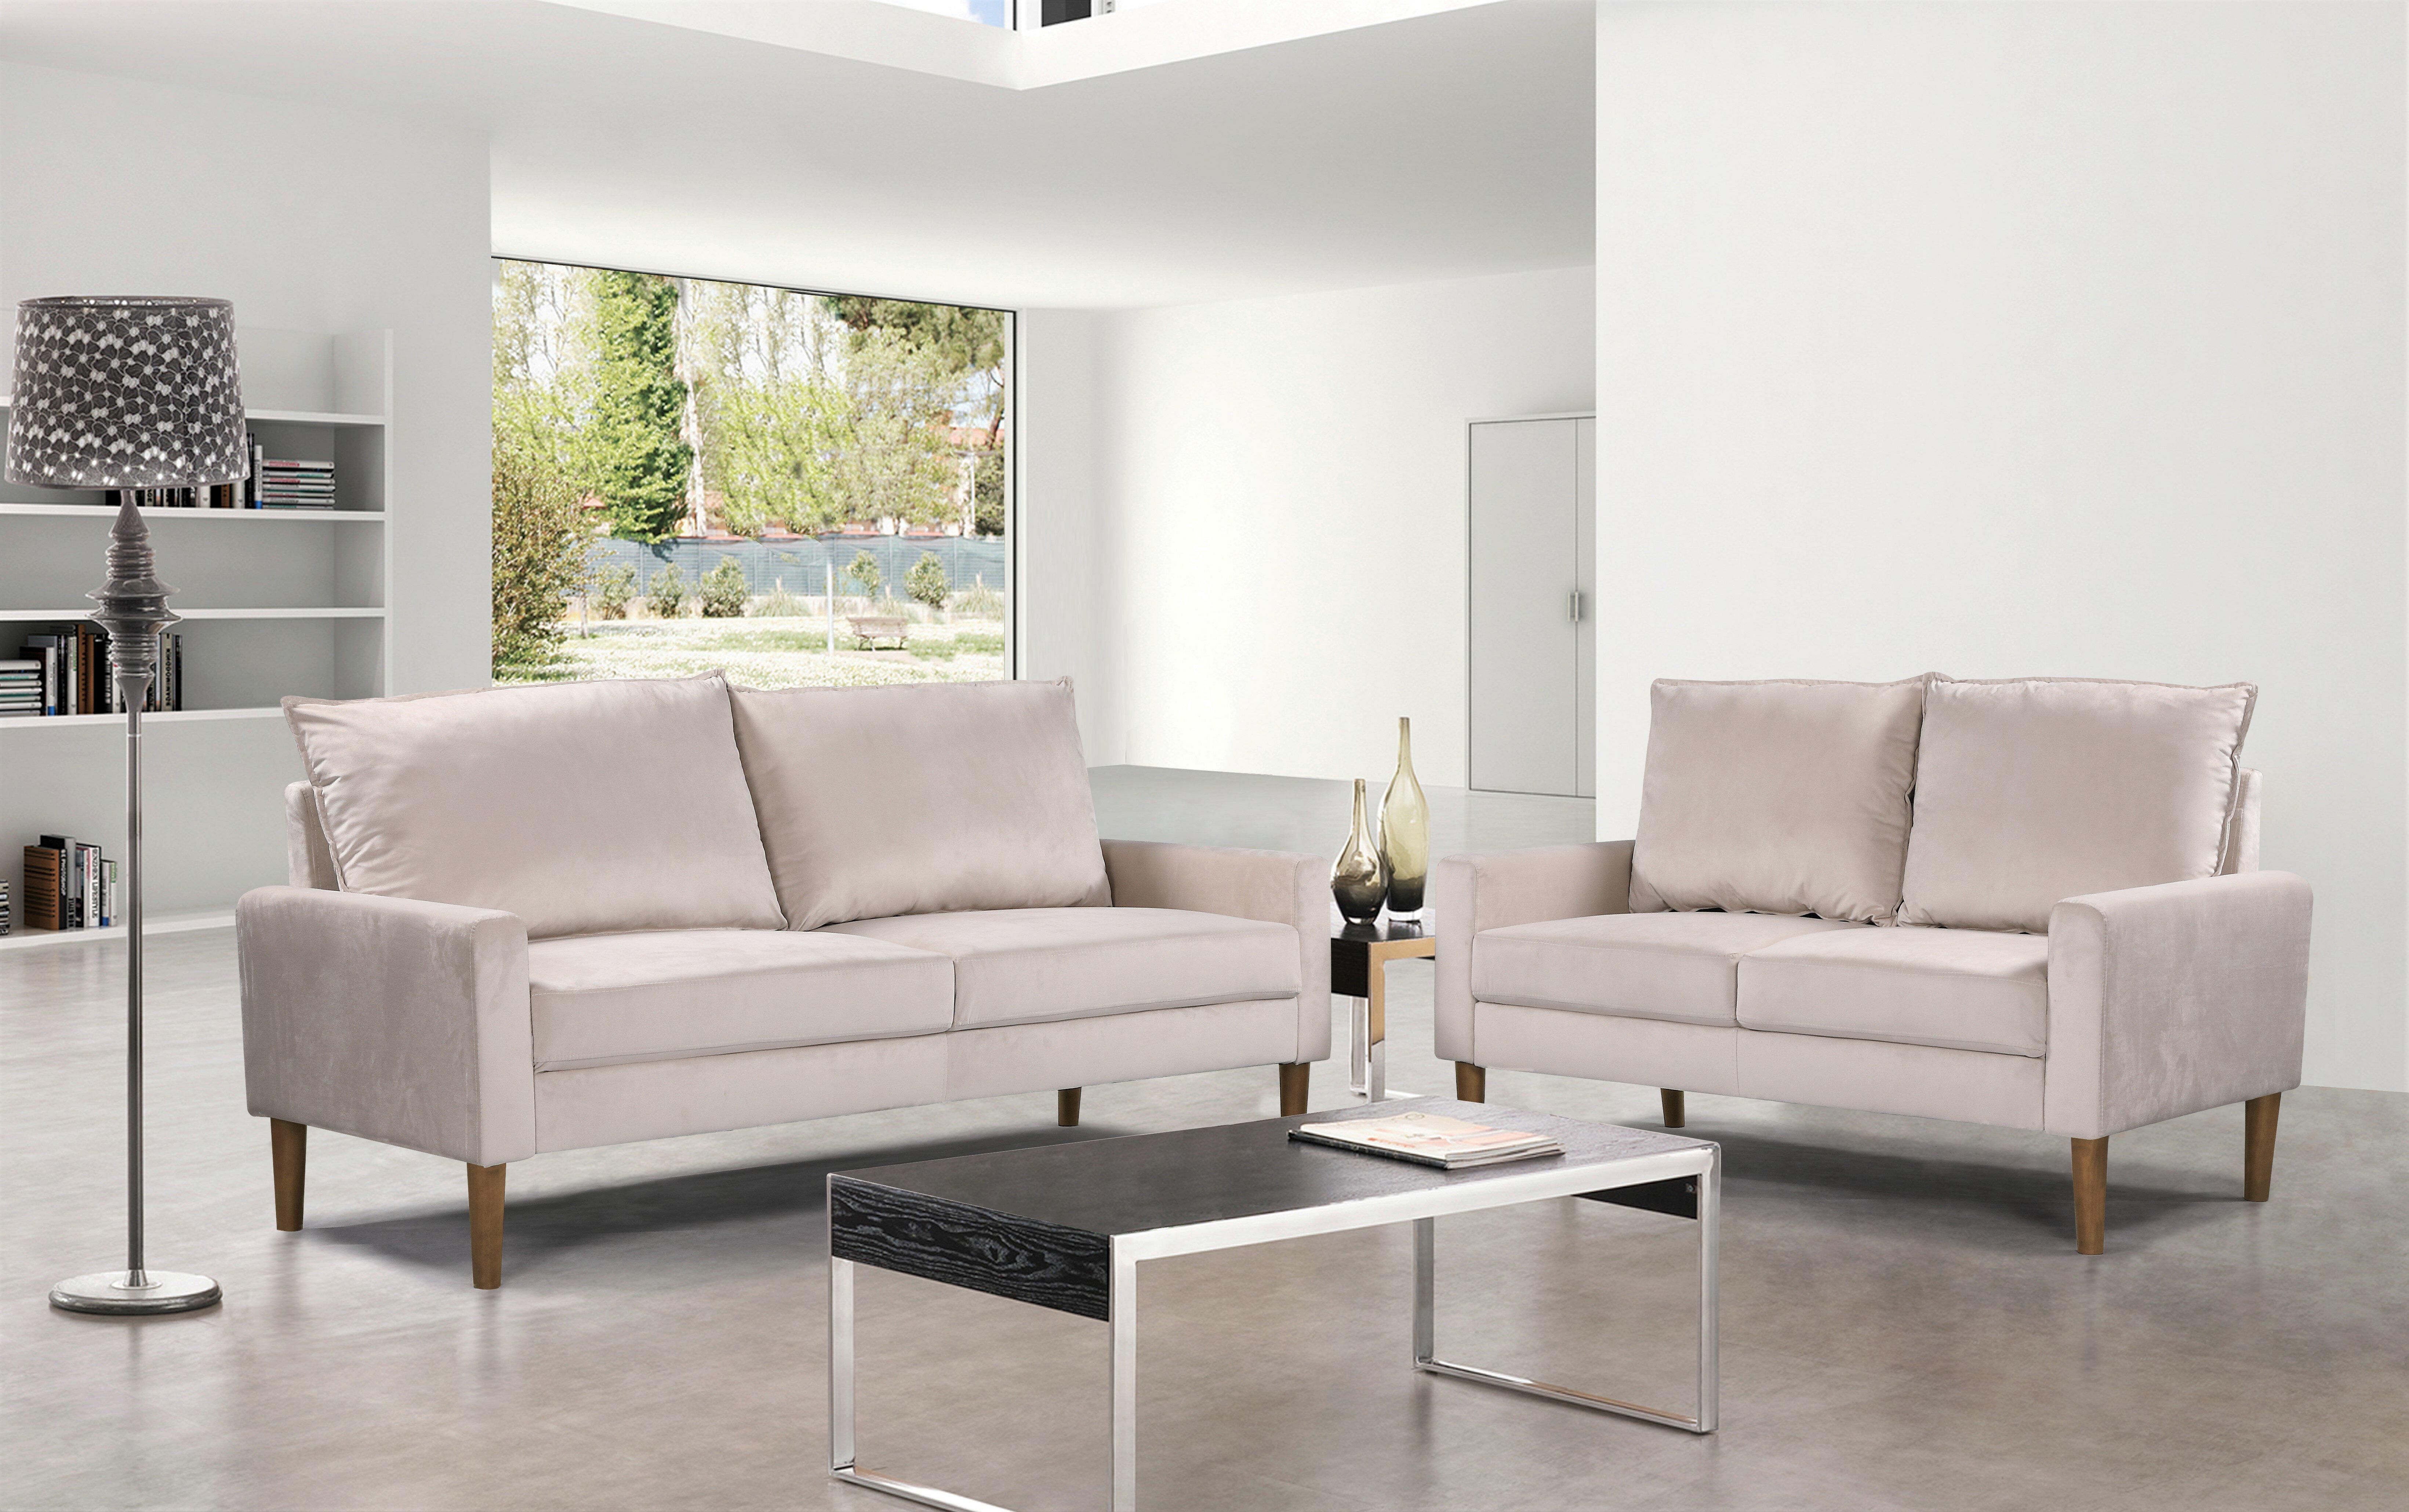 Mercer41 Uhrichsville 2 Piece Living Room Set Reviews Wayfair